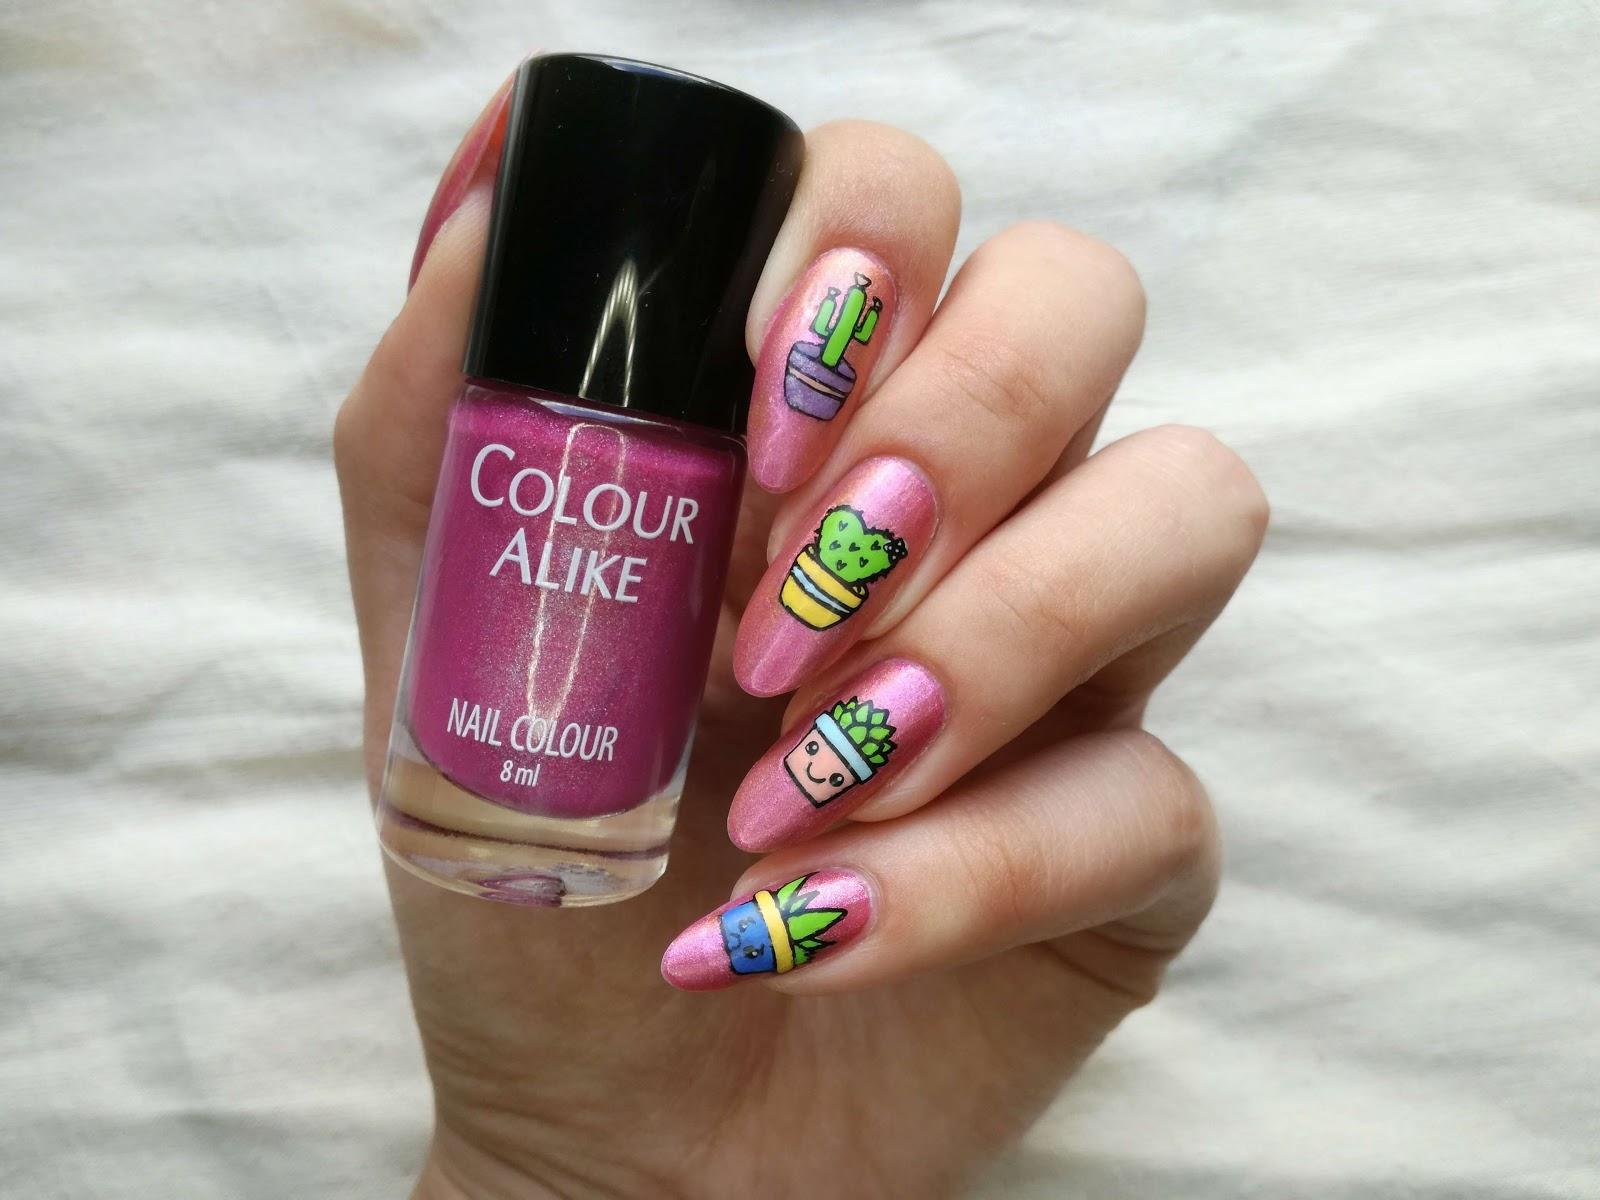 colour alike różowe paznokcie